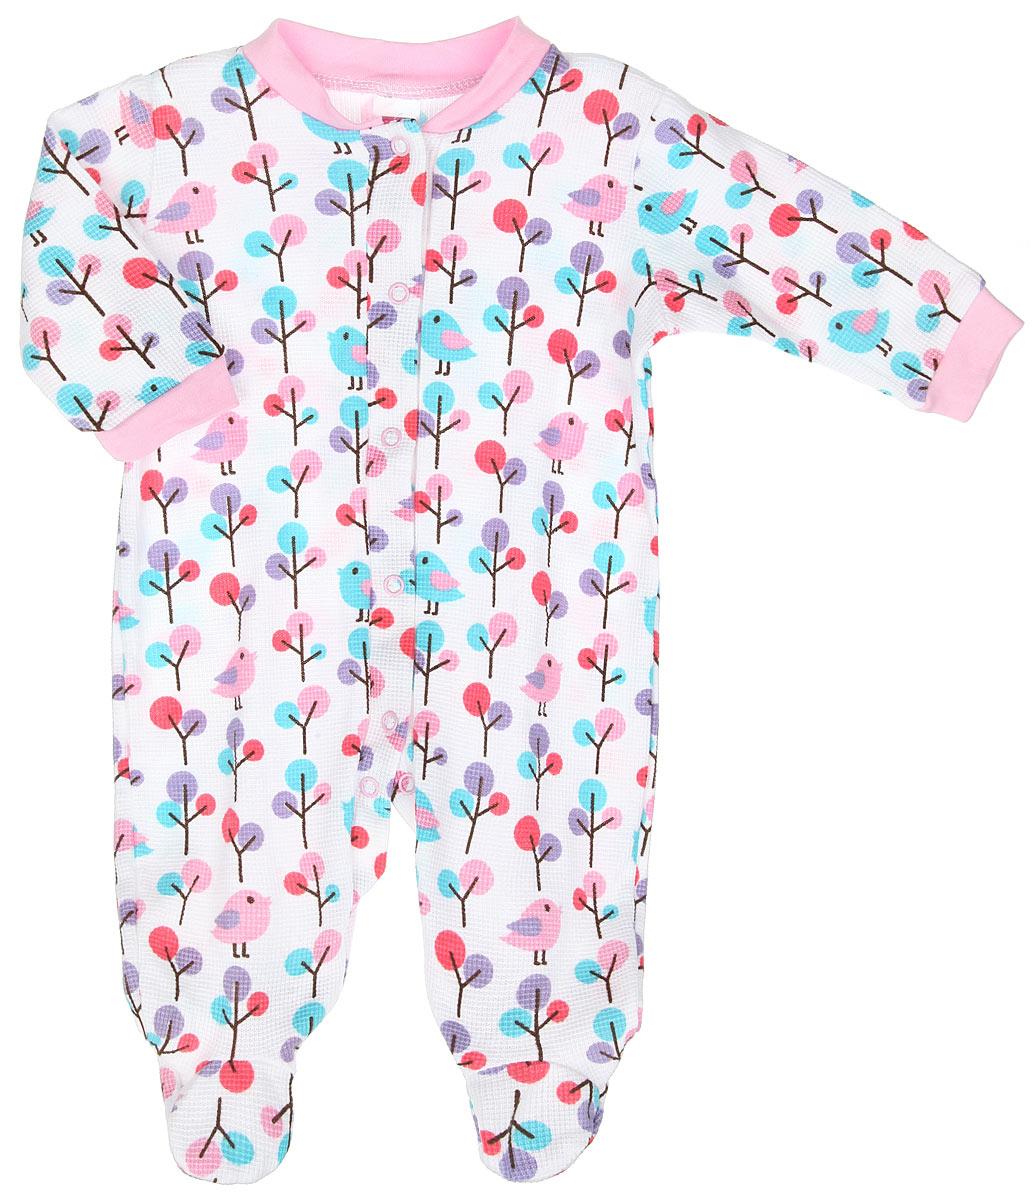 Комбинезон для девочки Hudson Baby, цвет: белый, розовый, голубой. 55095. Размер 61/67, 3-6 месяцев55095Комбинезон для девочки Hudson Baby - удобный и практичный вид одежды для ребенка, который идеально подходит для сна и отдыха. Комбинезон выполнен из натурального хлопка, благодаря чему он очень мягкий и приятный на ощупь, не раздражает нежную кожу малышки и хорошо вентилируется. Комбинезон с длинными рукавами и закрытыми ножками имеет застежки-кнопки от горловины до щиколоток, которые помогают легко переодеть младенца или сменить подгузник. Вырез горловины дополнен мягкой трикотажной резинкой. На рукавах предусмотрены манжеты, не пережимающие запястья. Изделие оформлено принтом с изображением птичек и деревьев по всей поверхности. Комфортный и уютный комбинезон станет незаменимым дополнением к гардеробу вашей маленькой принцессы. Изделие полностью соответствует особенностям жизни младенца в ранний период, не стесняя и не ограничивая его в движениях.